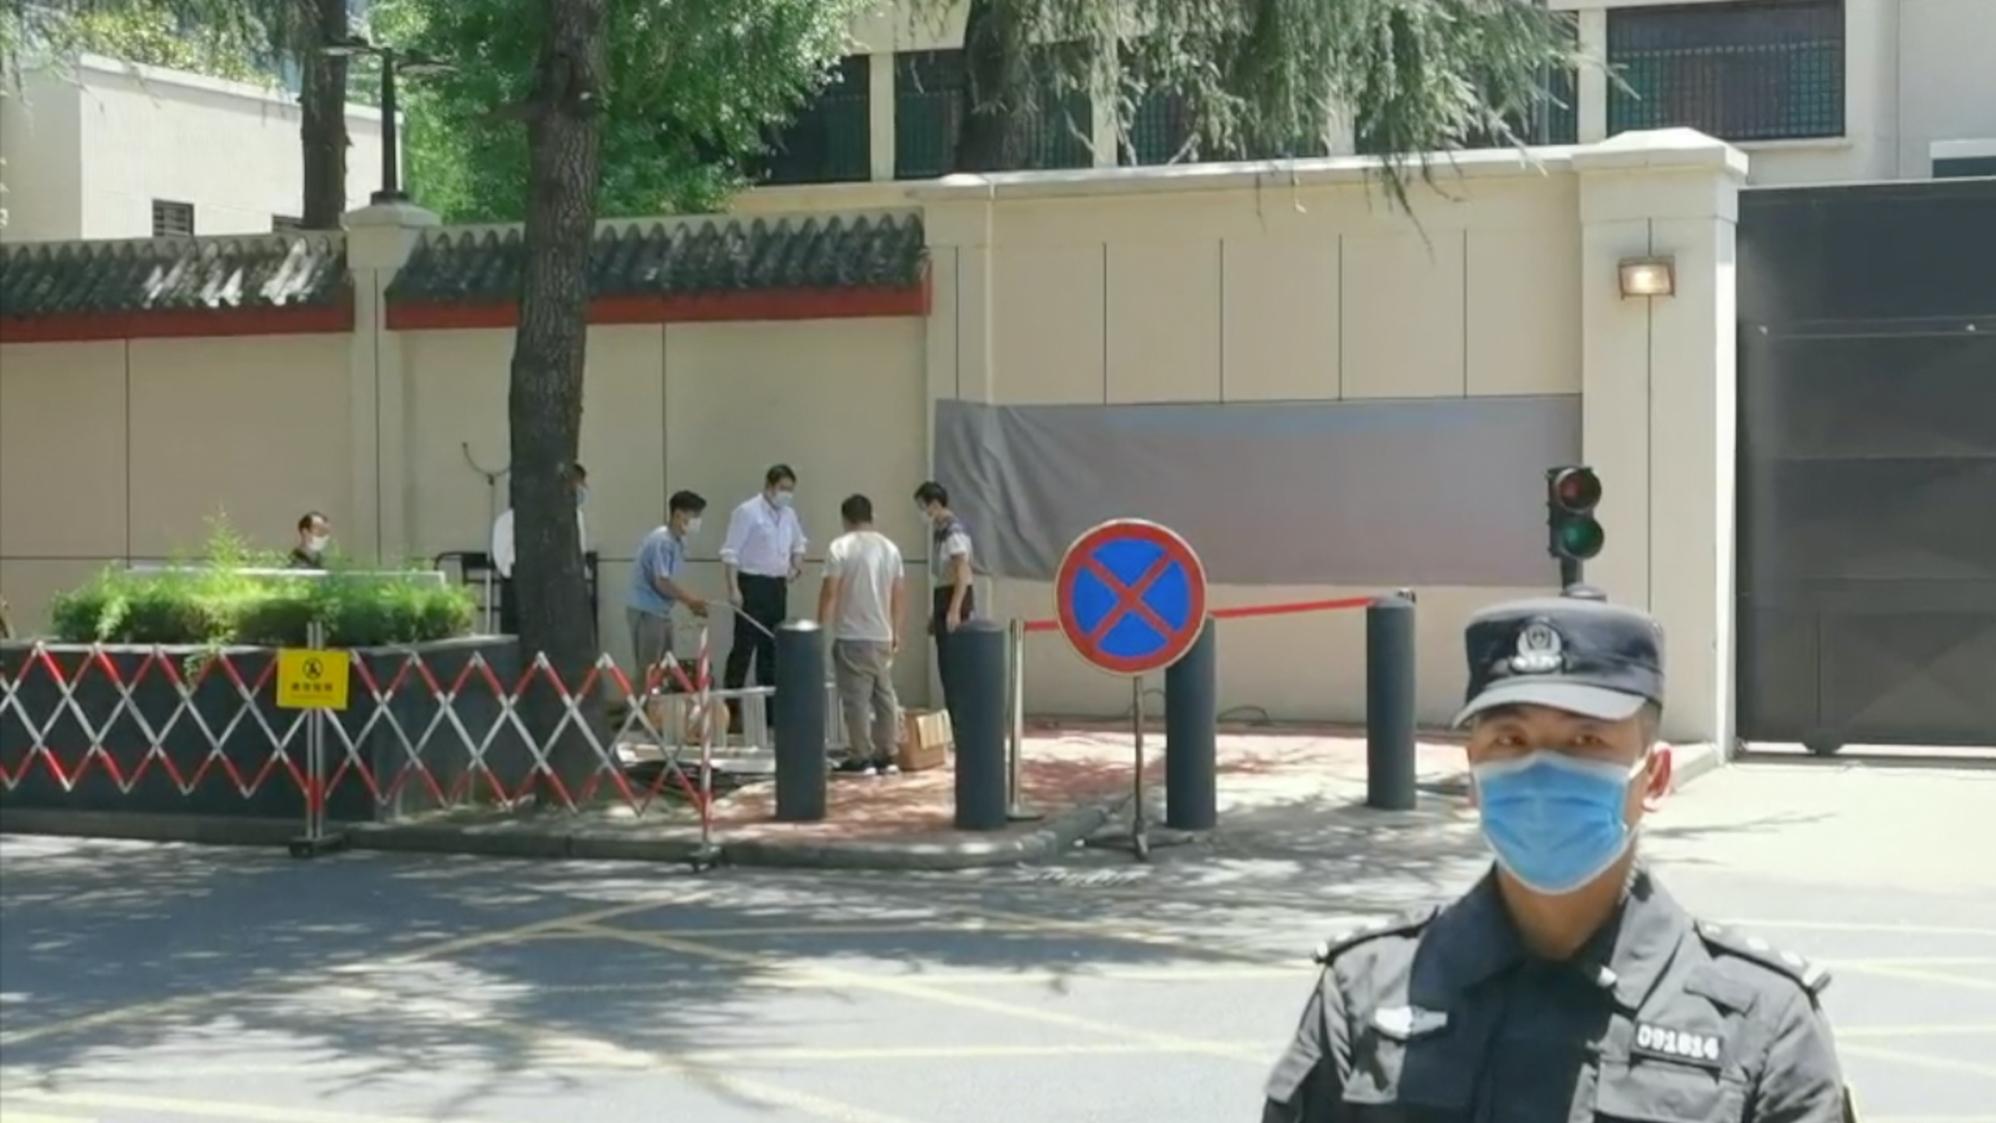 中国施工队进场,准备拆除原美领馆外墙标识